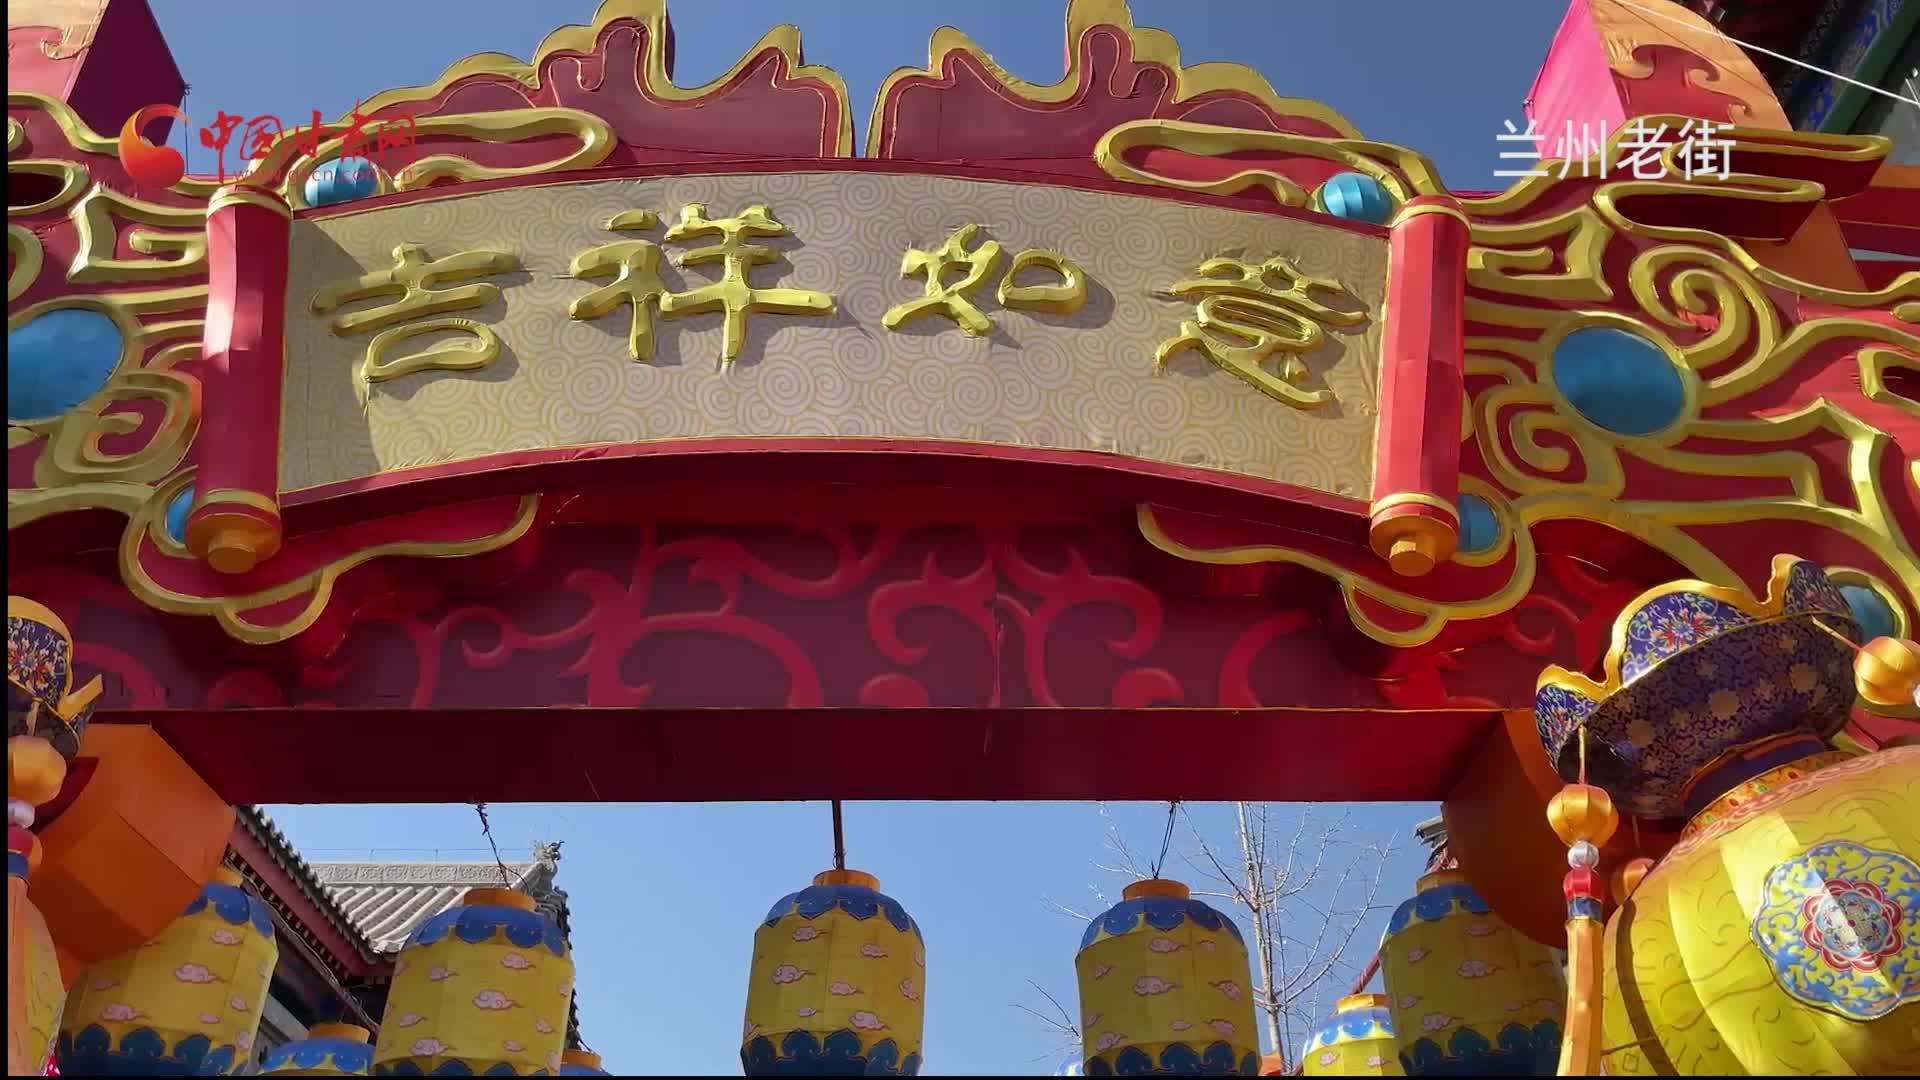 【网络中国节·春节】兰州老街 兰州年